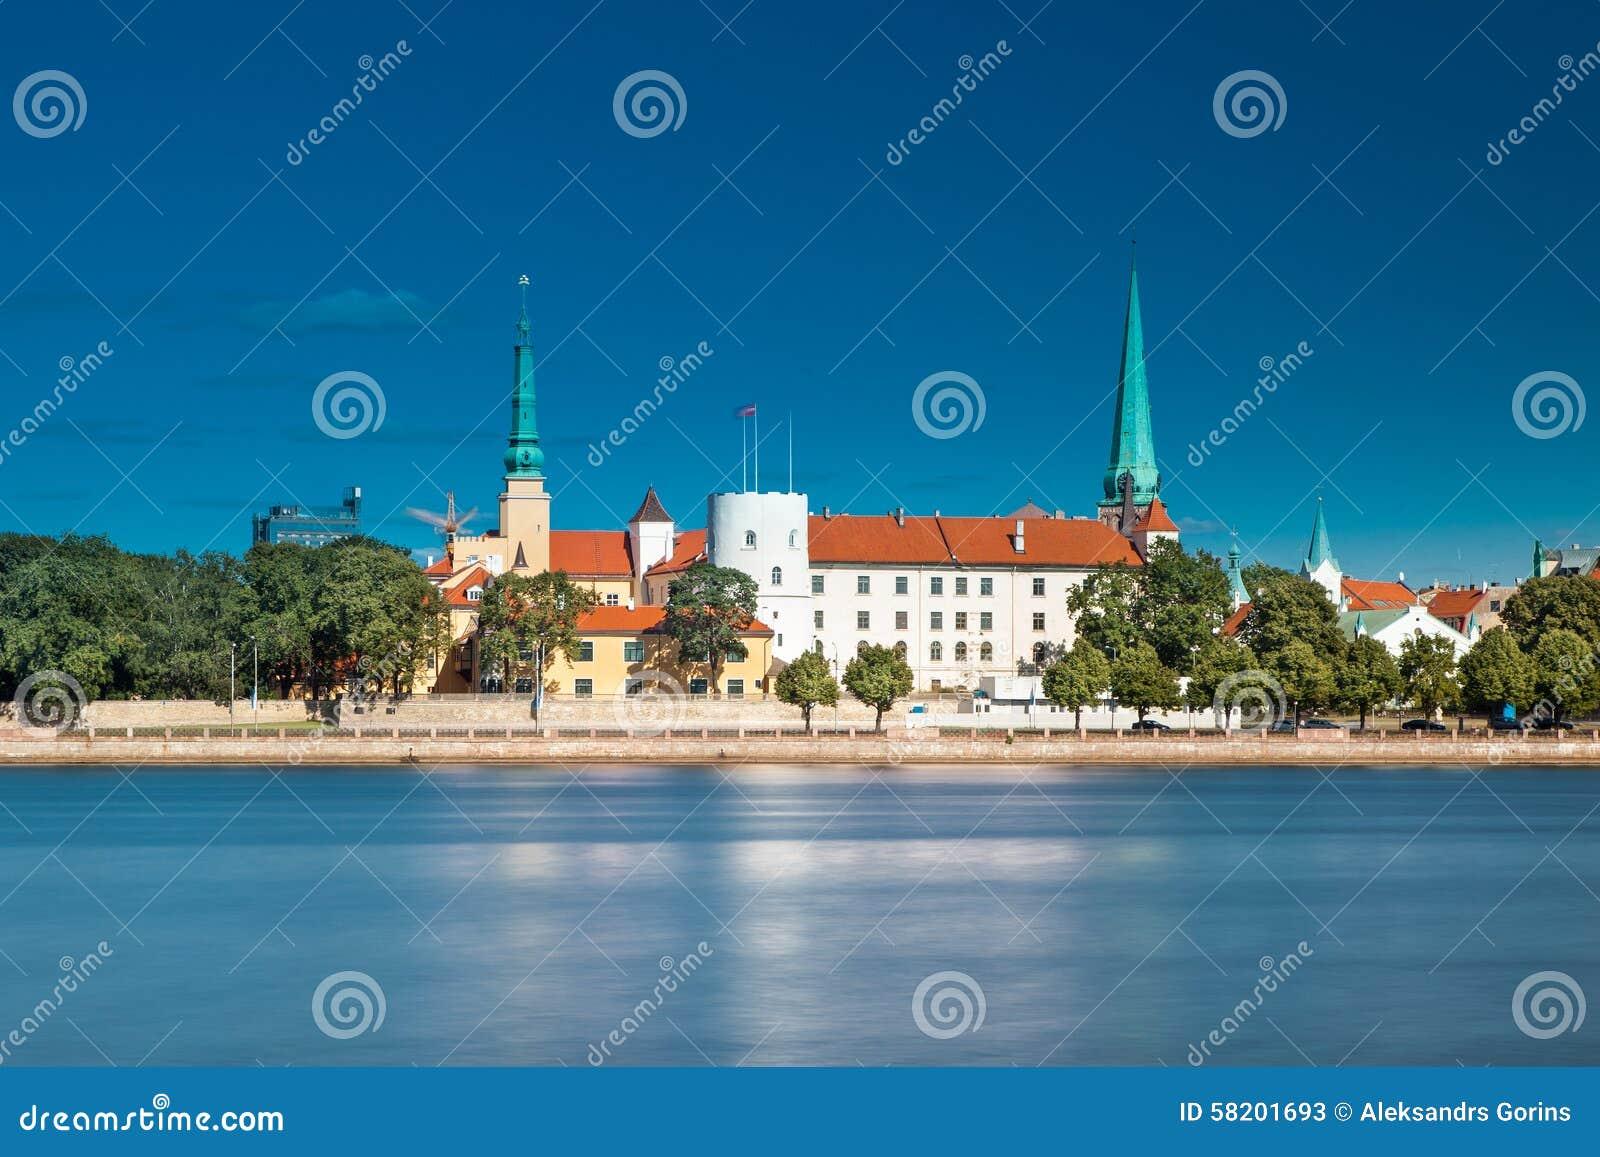 Grodowy Latvia stary prezydent siedziby Riga miasteczko